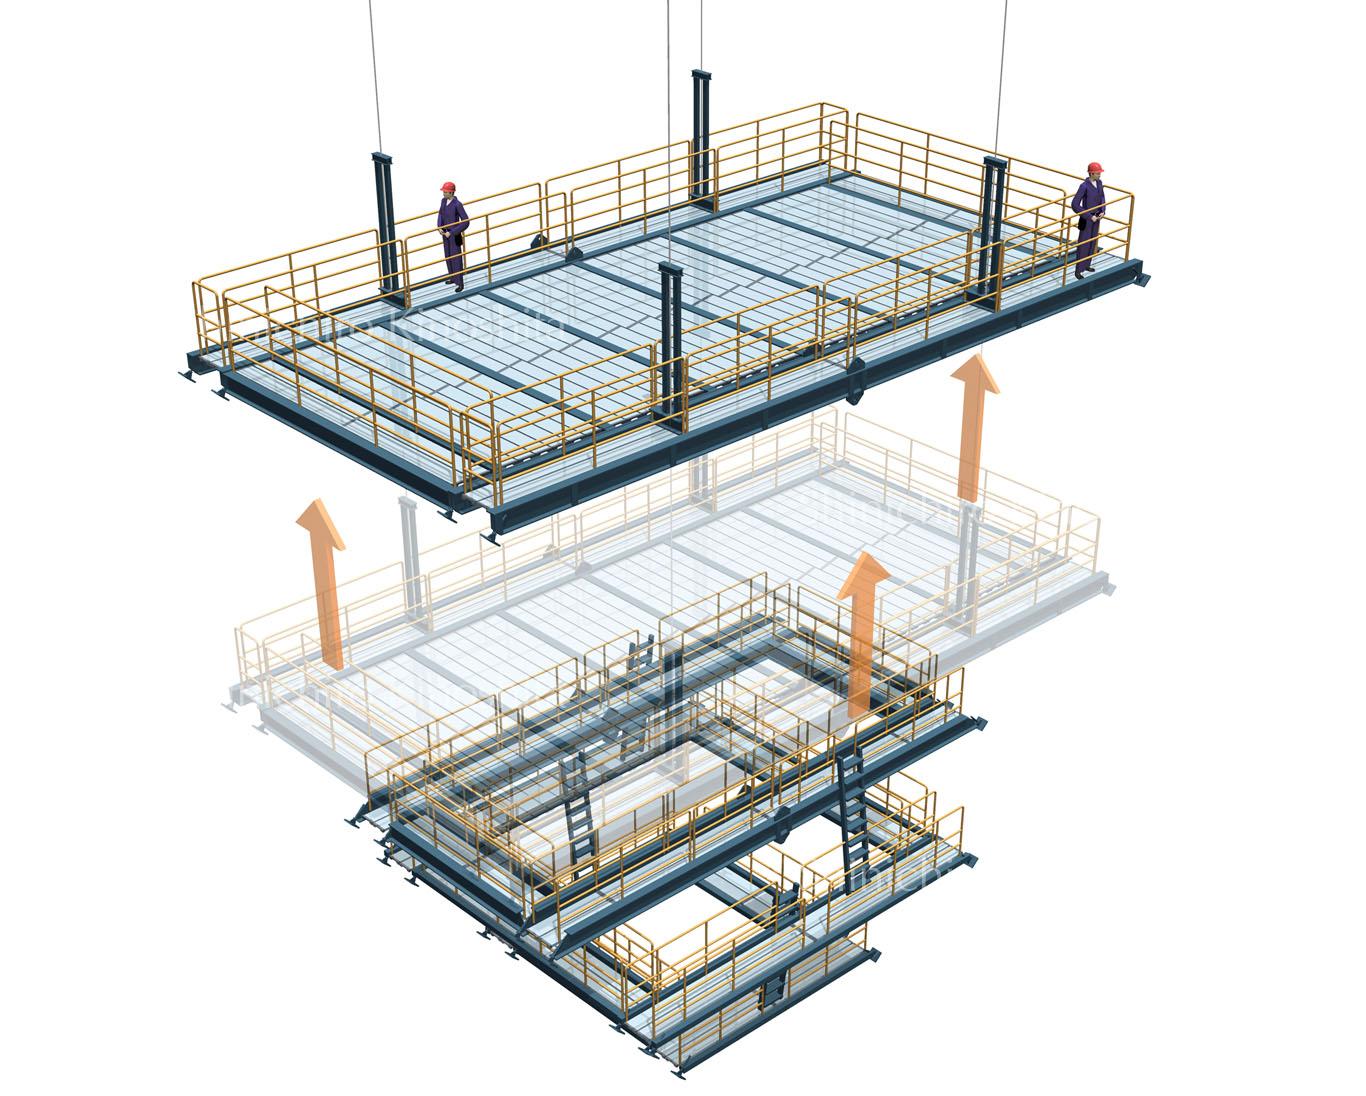 工事用エレベータイメージ図